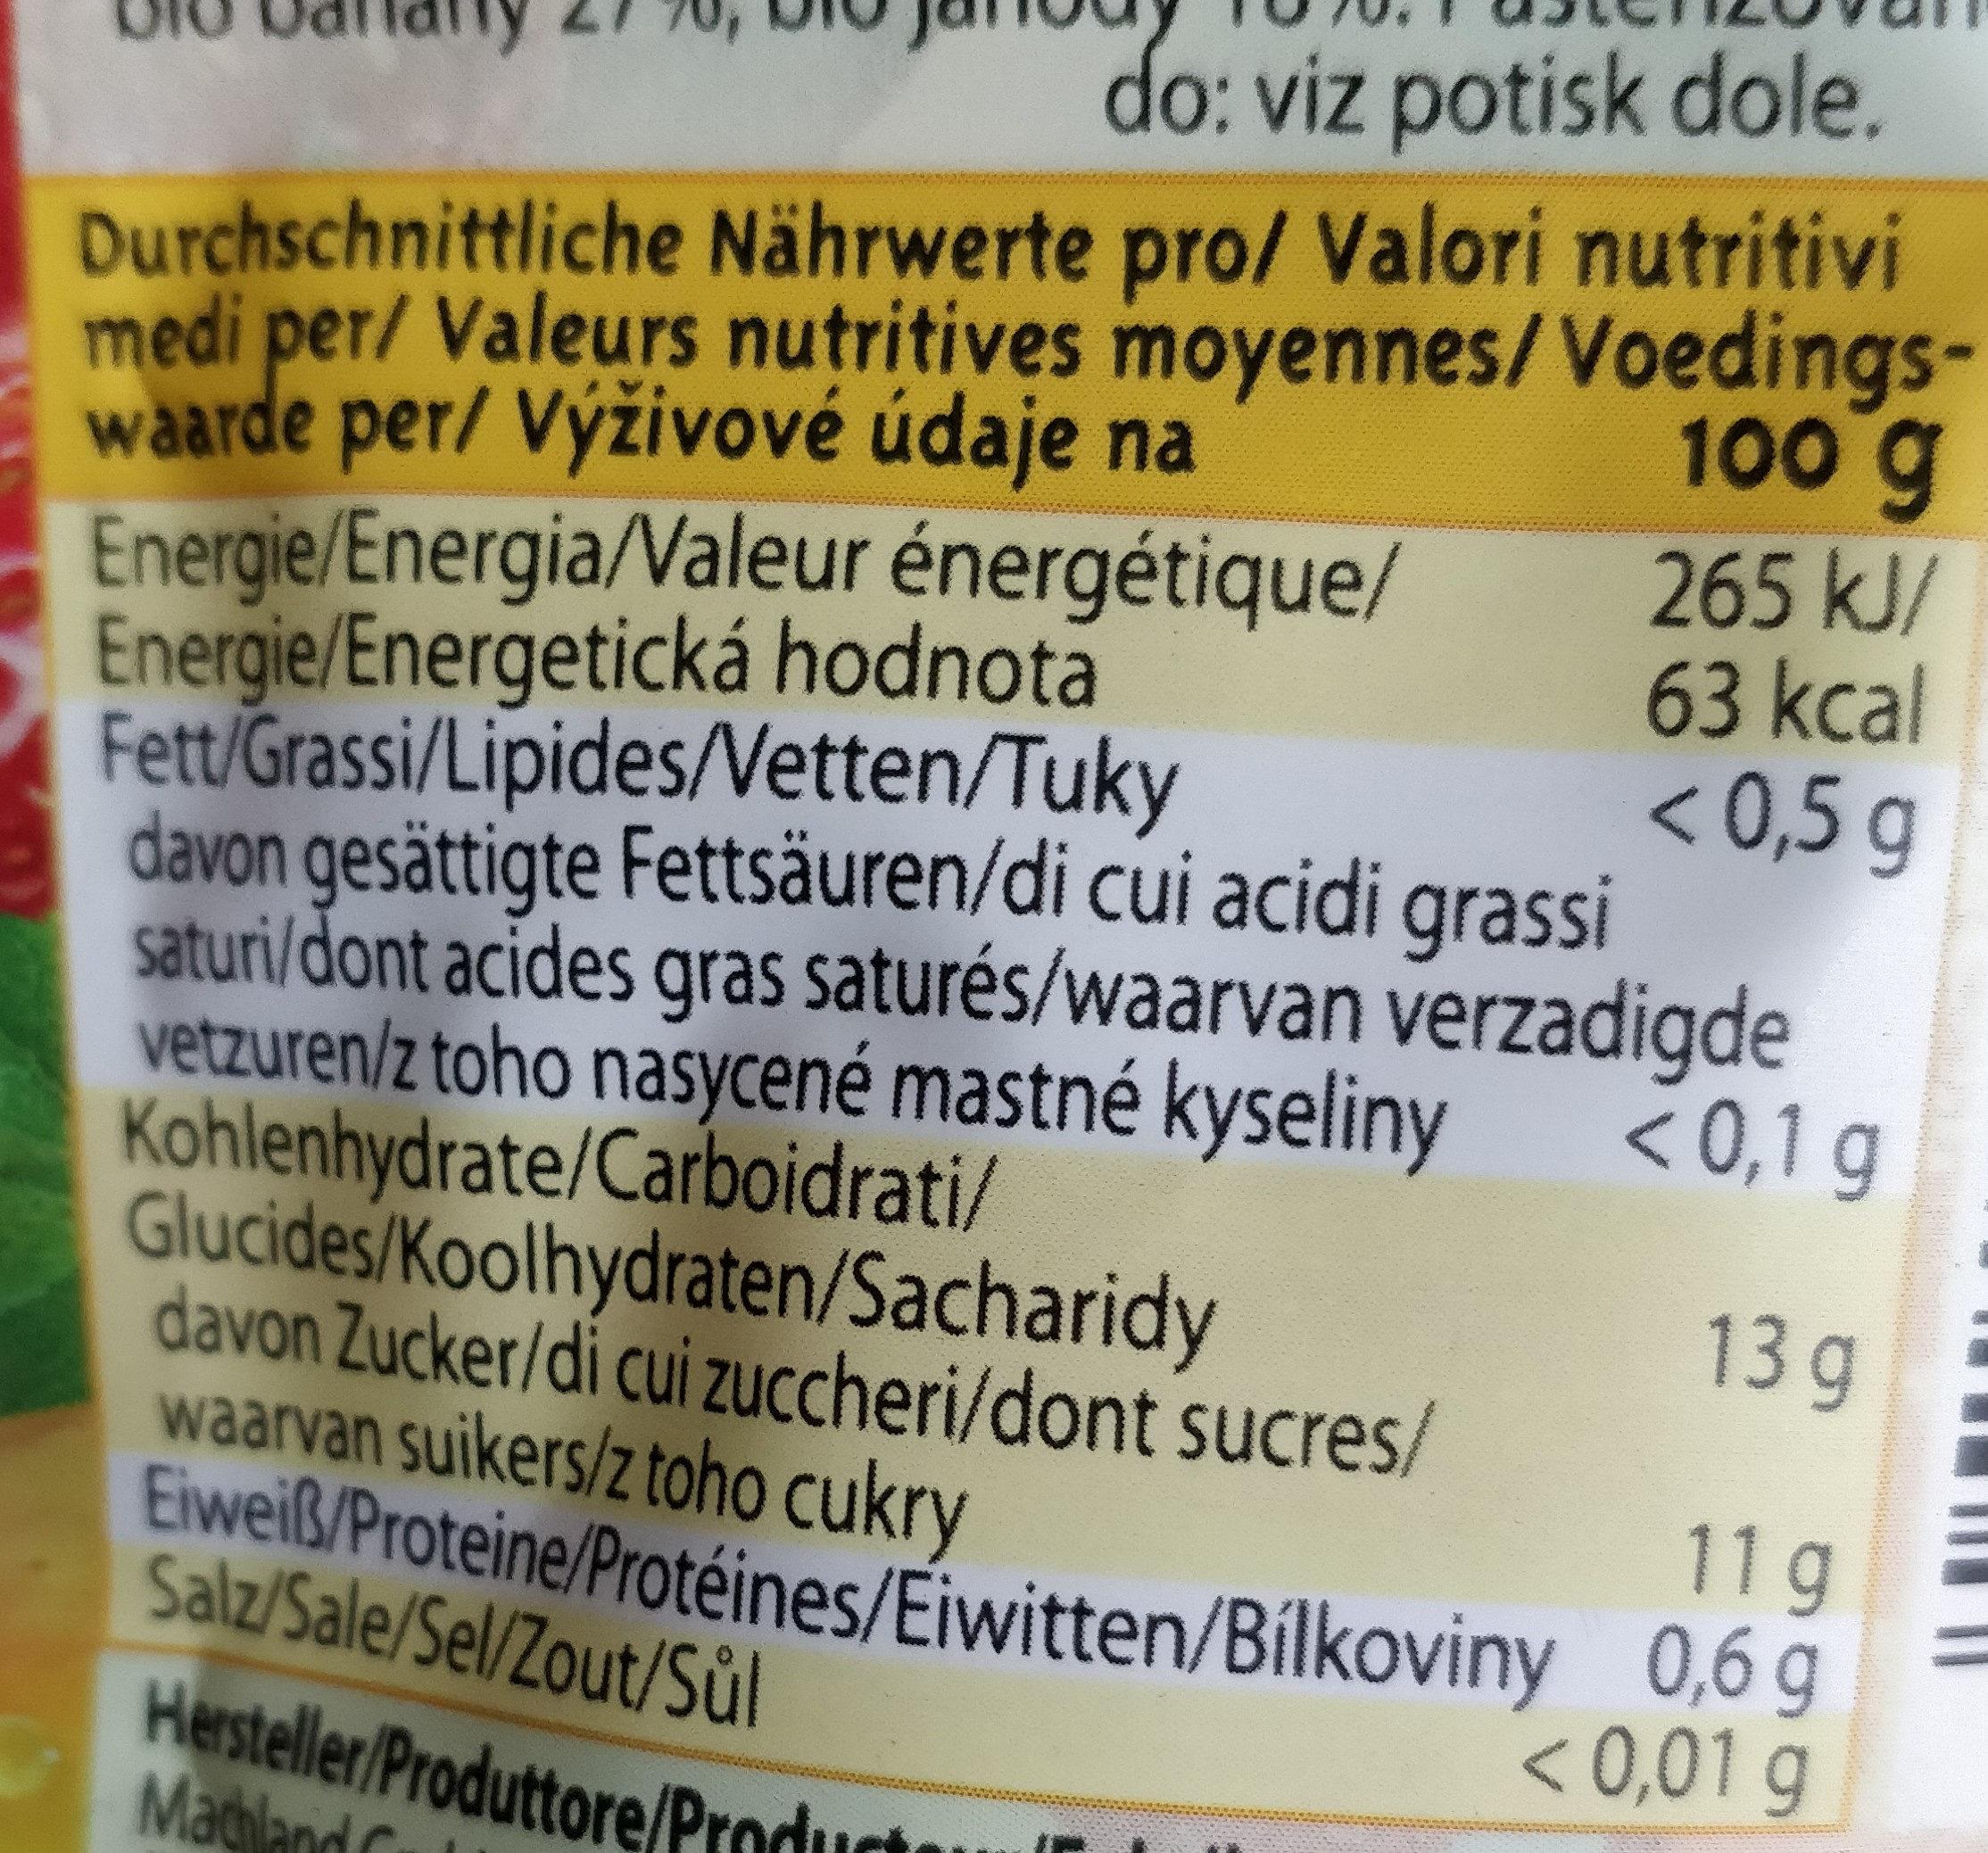 Machland Bio Fruitsnack Apfel Banane Erdbeere - Voedingswaarden - fr